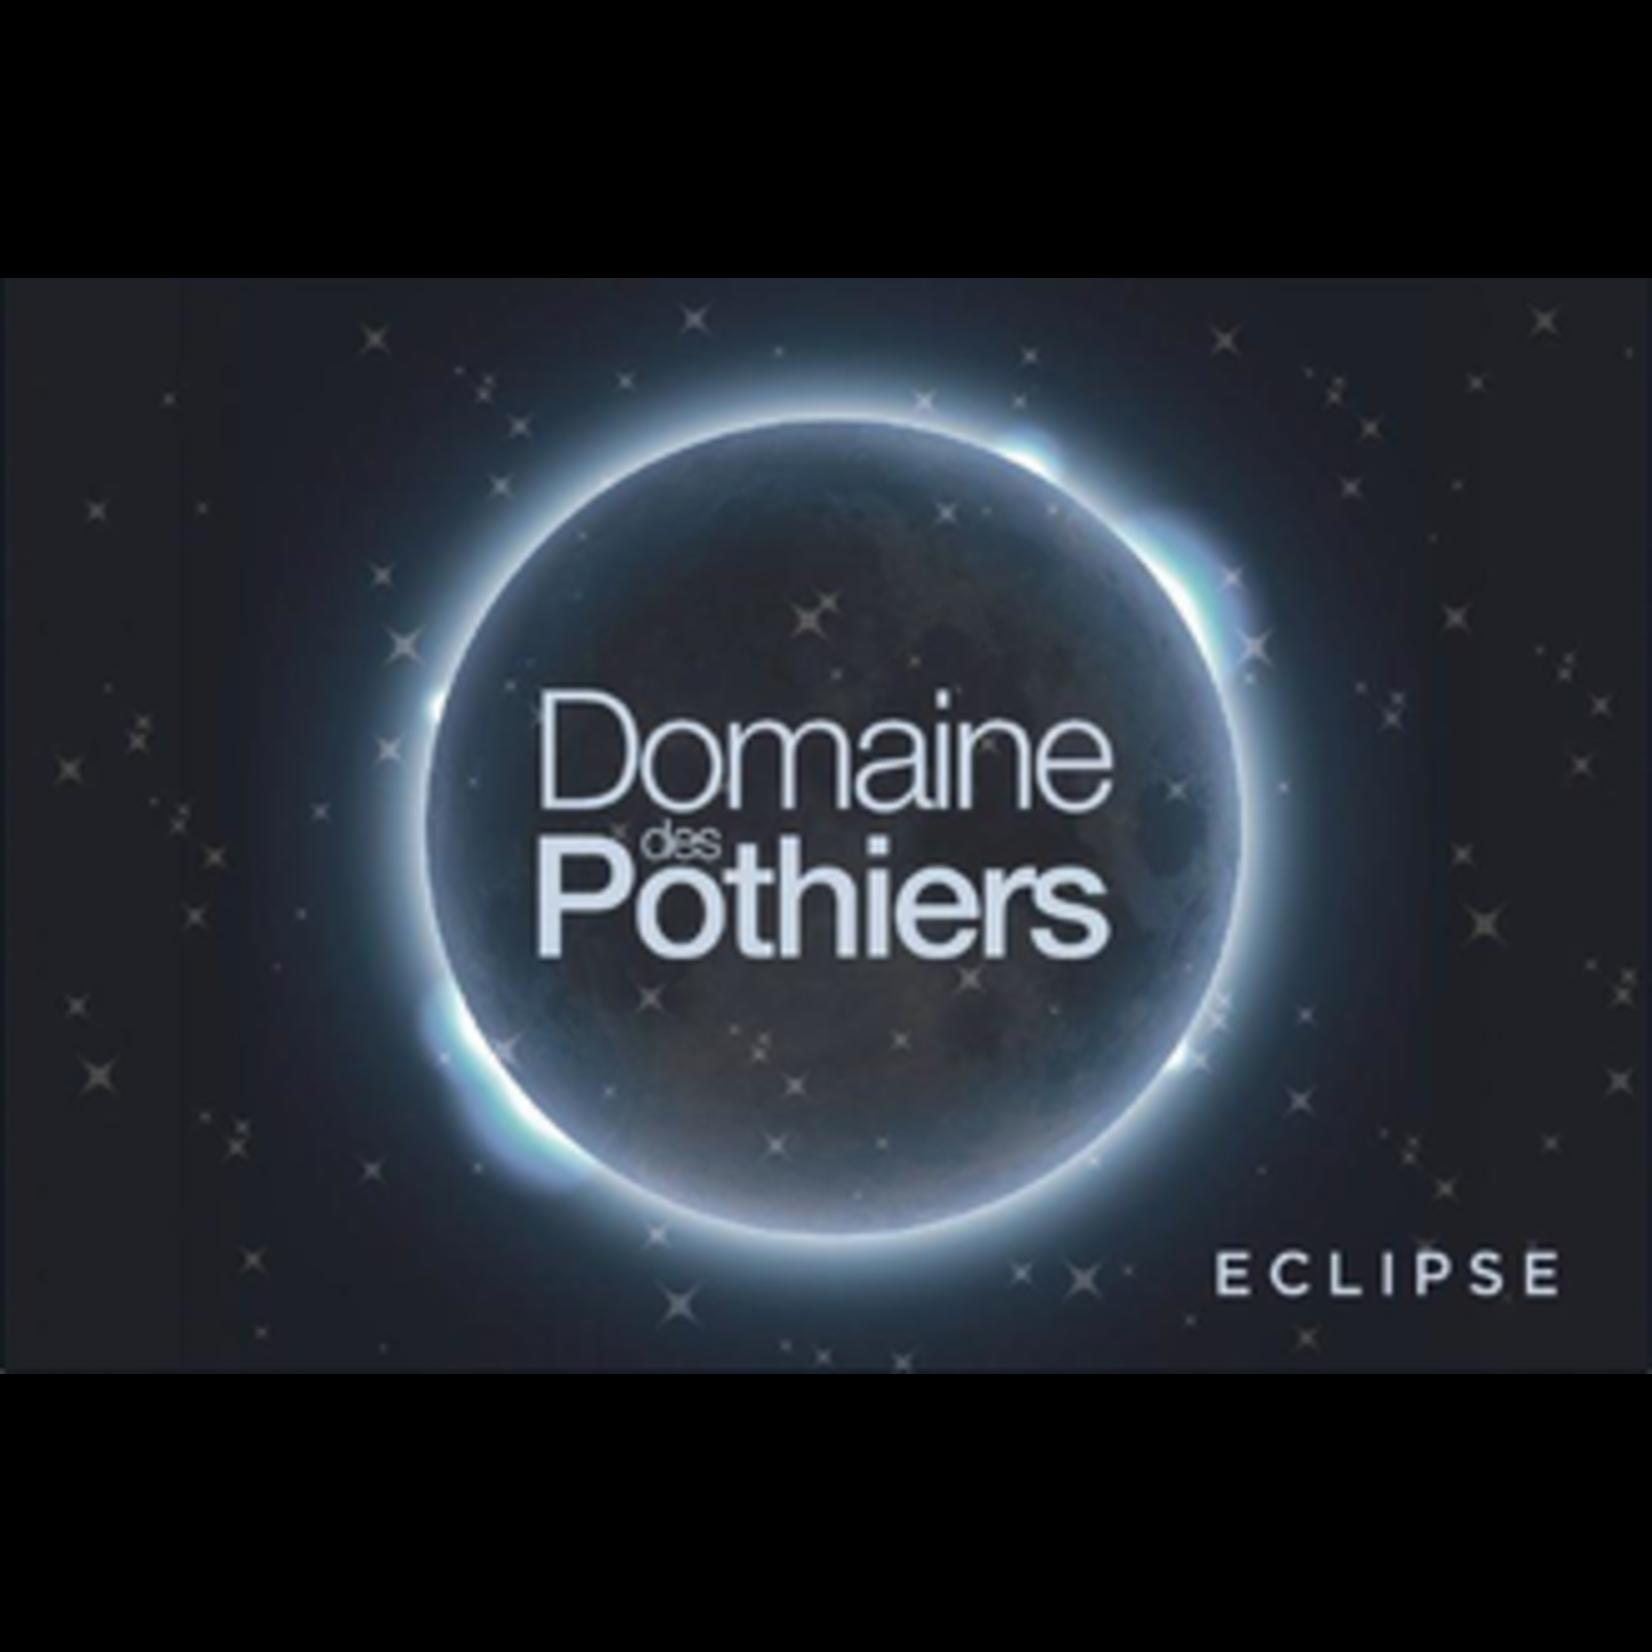 Sparkling Domaine des Pothiers Cote Roannaise Eclipse Rose 2019